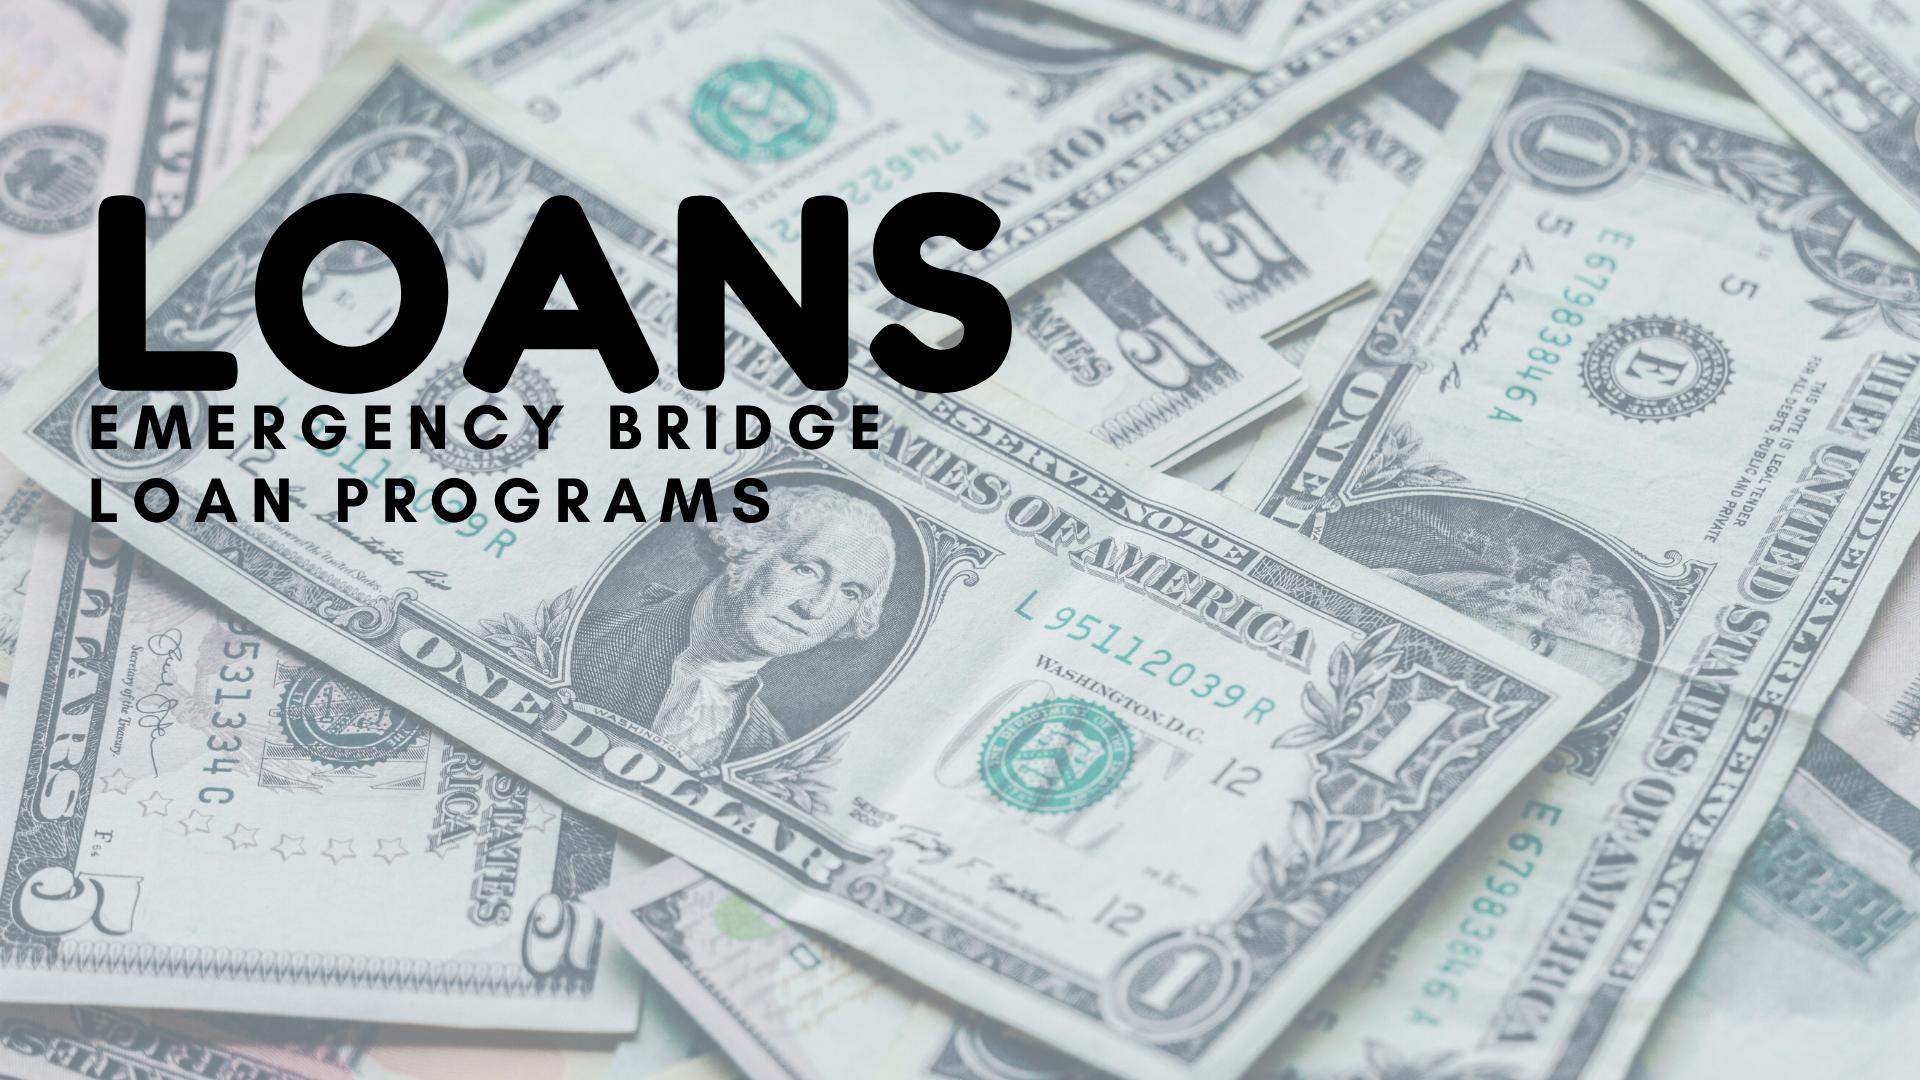 Loans:  Emergency Bridge Loans